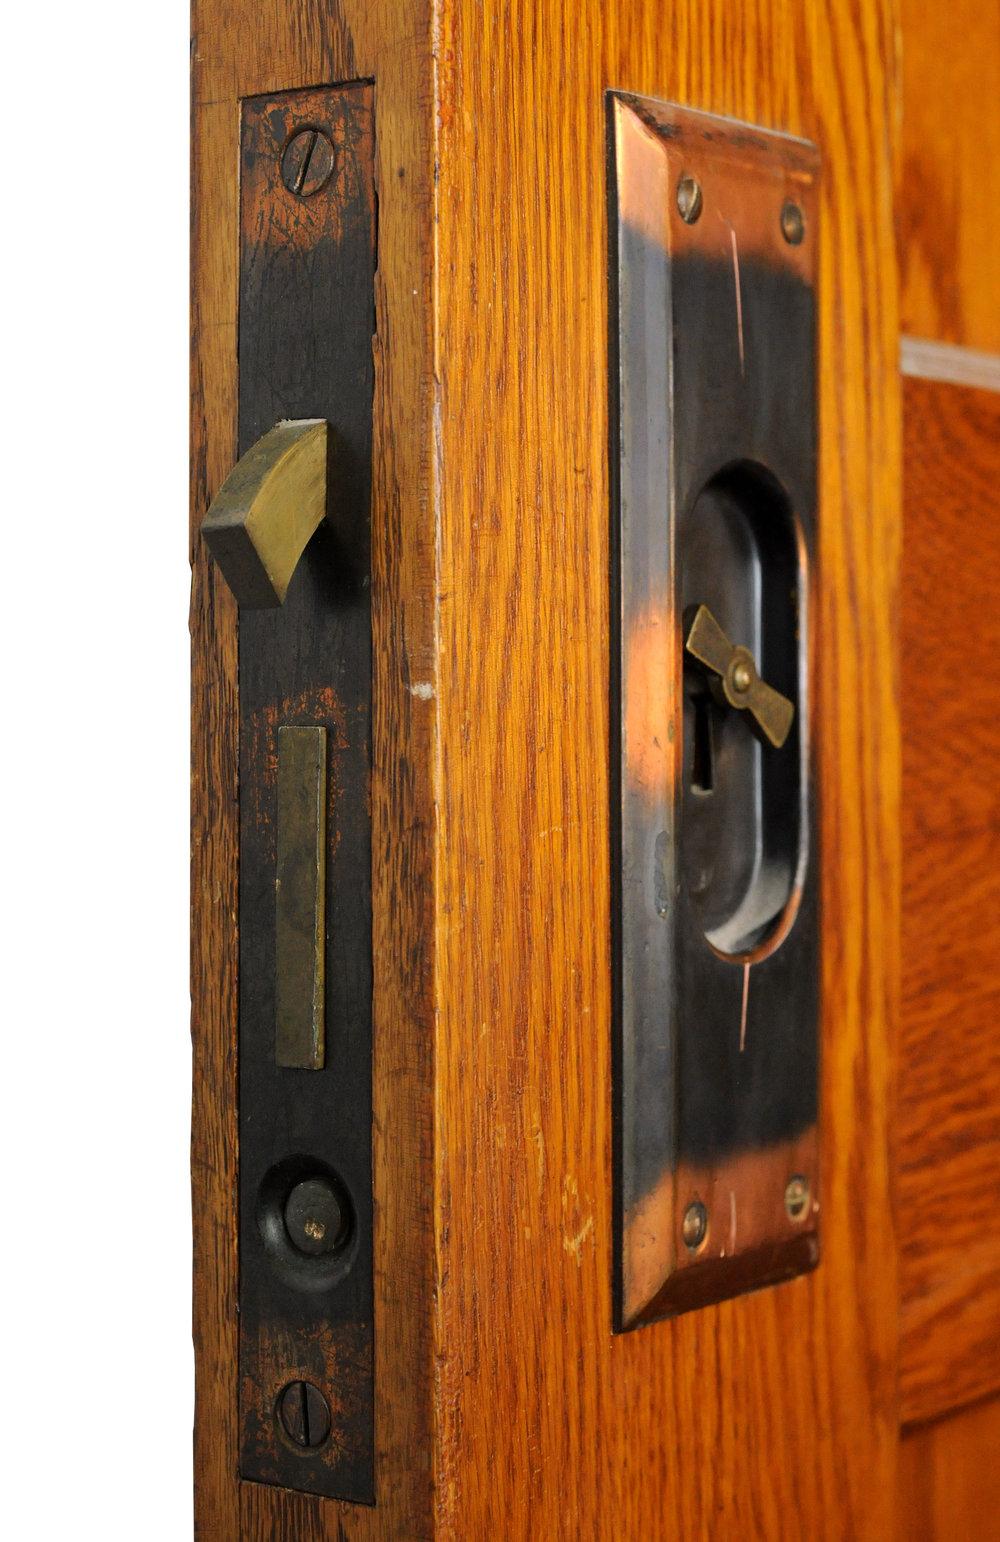 47014-pocket-door-key-hardware.jpg